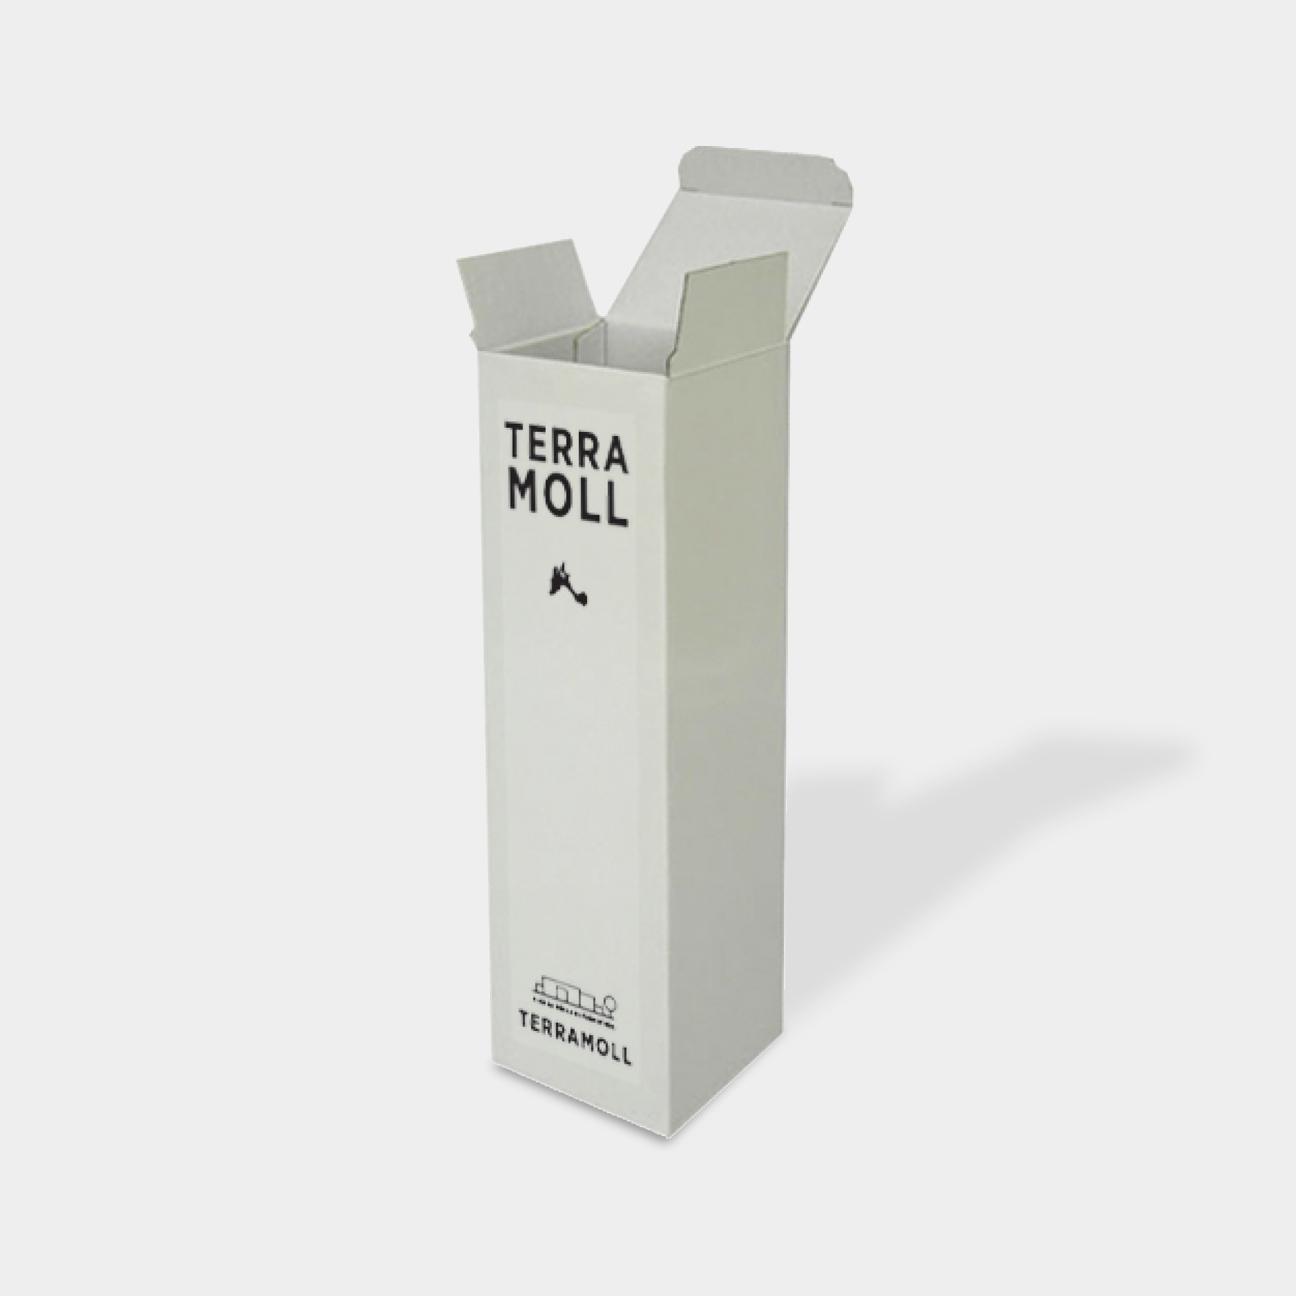 Bodega Terramoll - Diseño de identidad corporativa - cajas